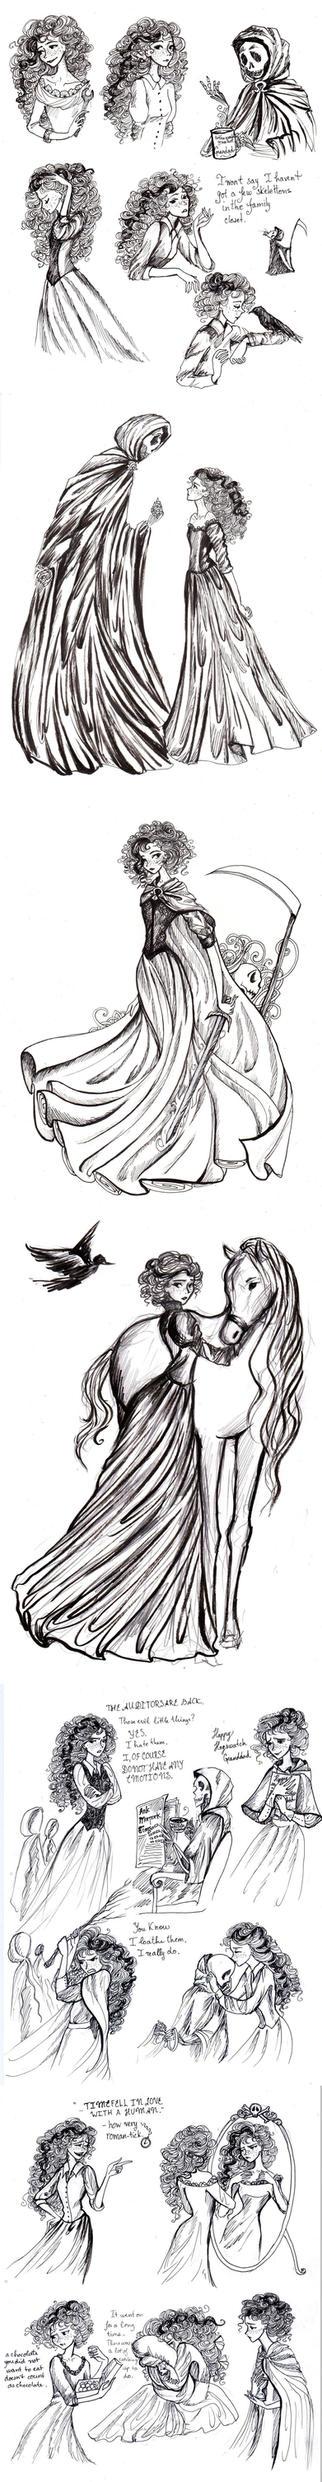 Susan Sto Helit doodles by La-Chapeliere-Folle